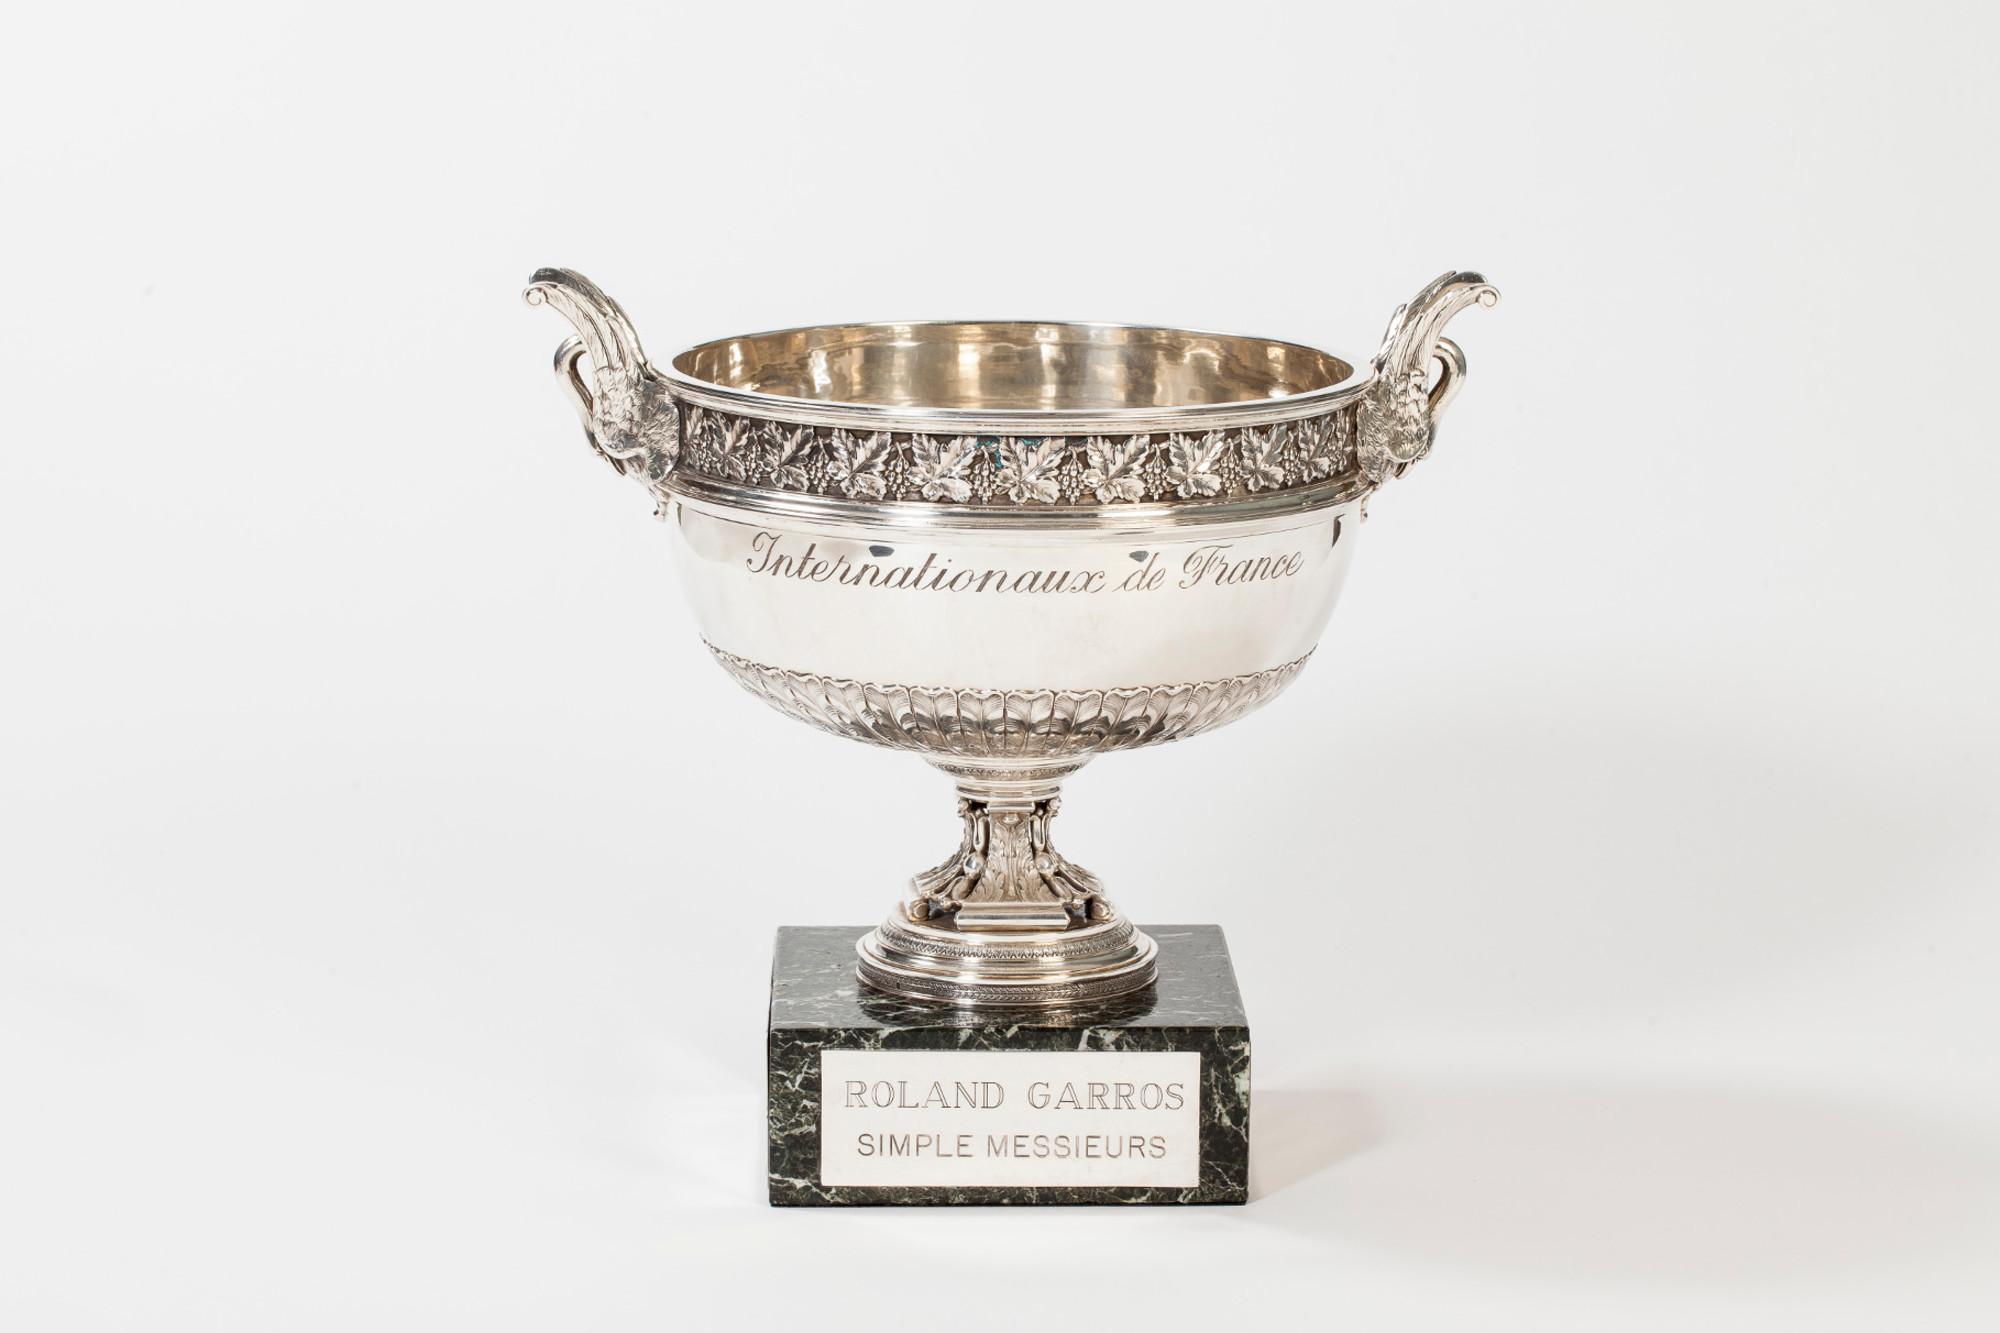 coupe des Mousquetaires simple messieurs trophée Roland-Garros / Musketeer's cup men's singles Roland-Garros trophy.